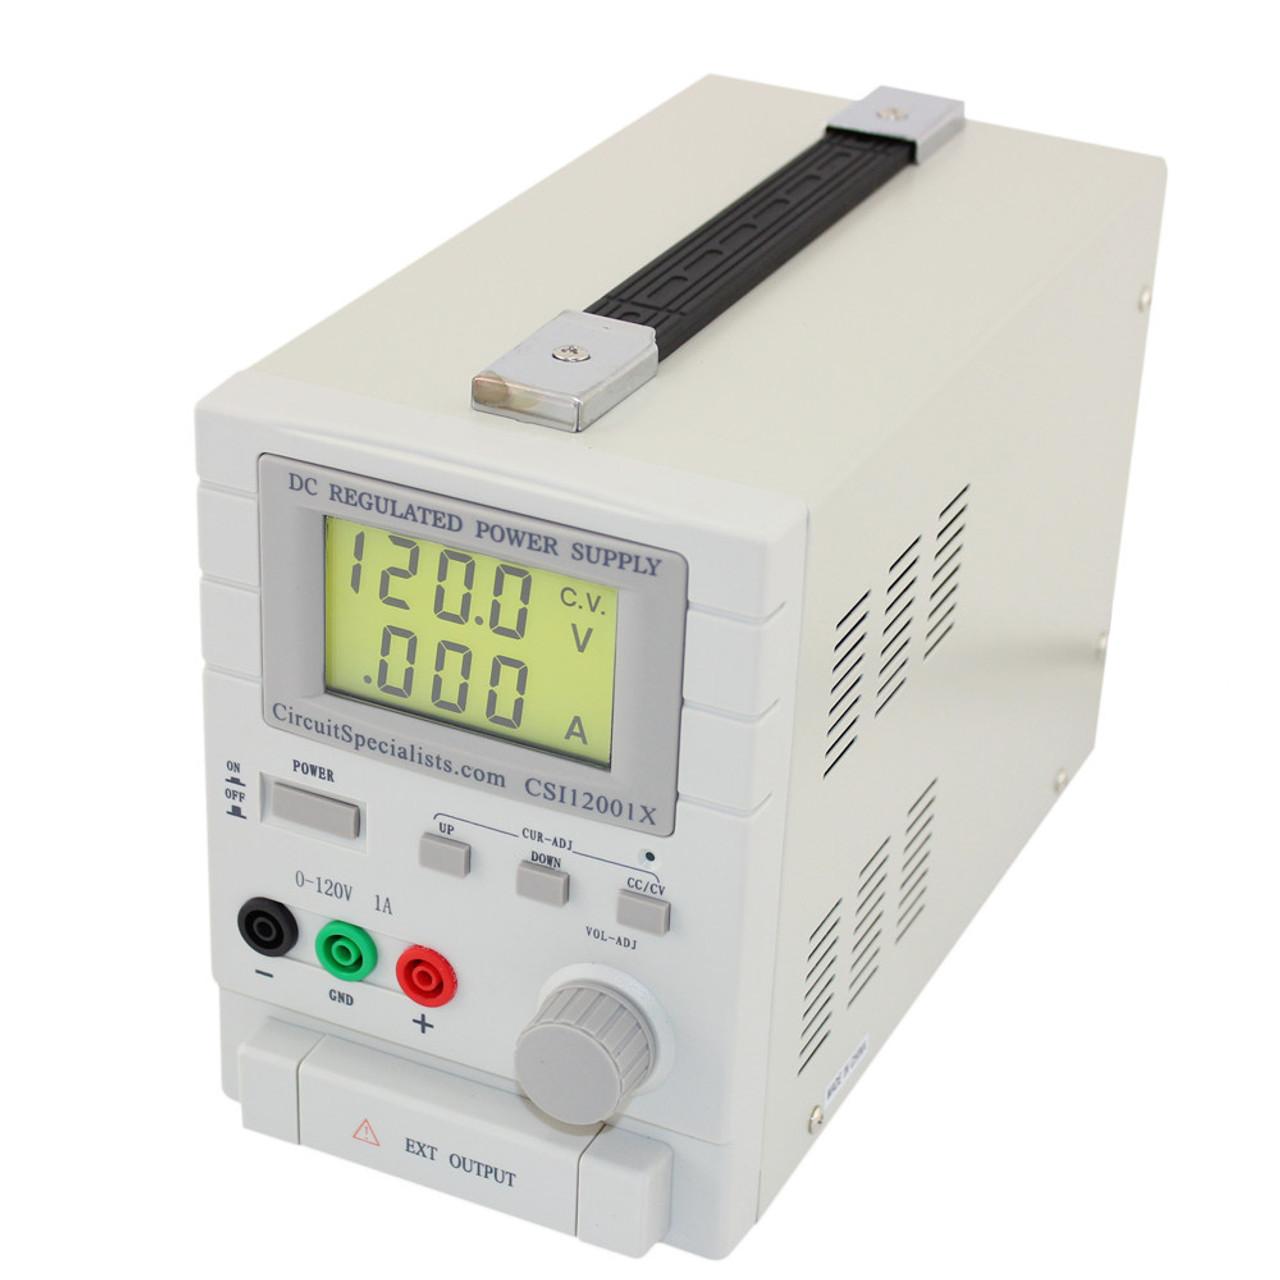 120VDC 1 AMP RECTIFIER